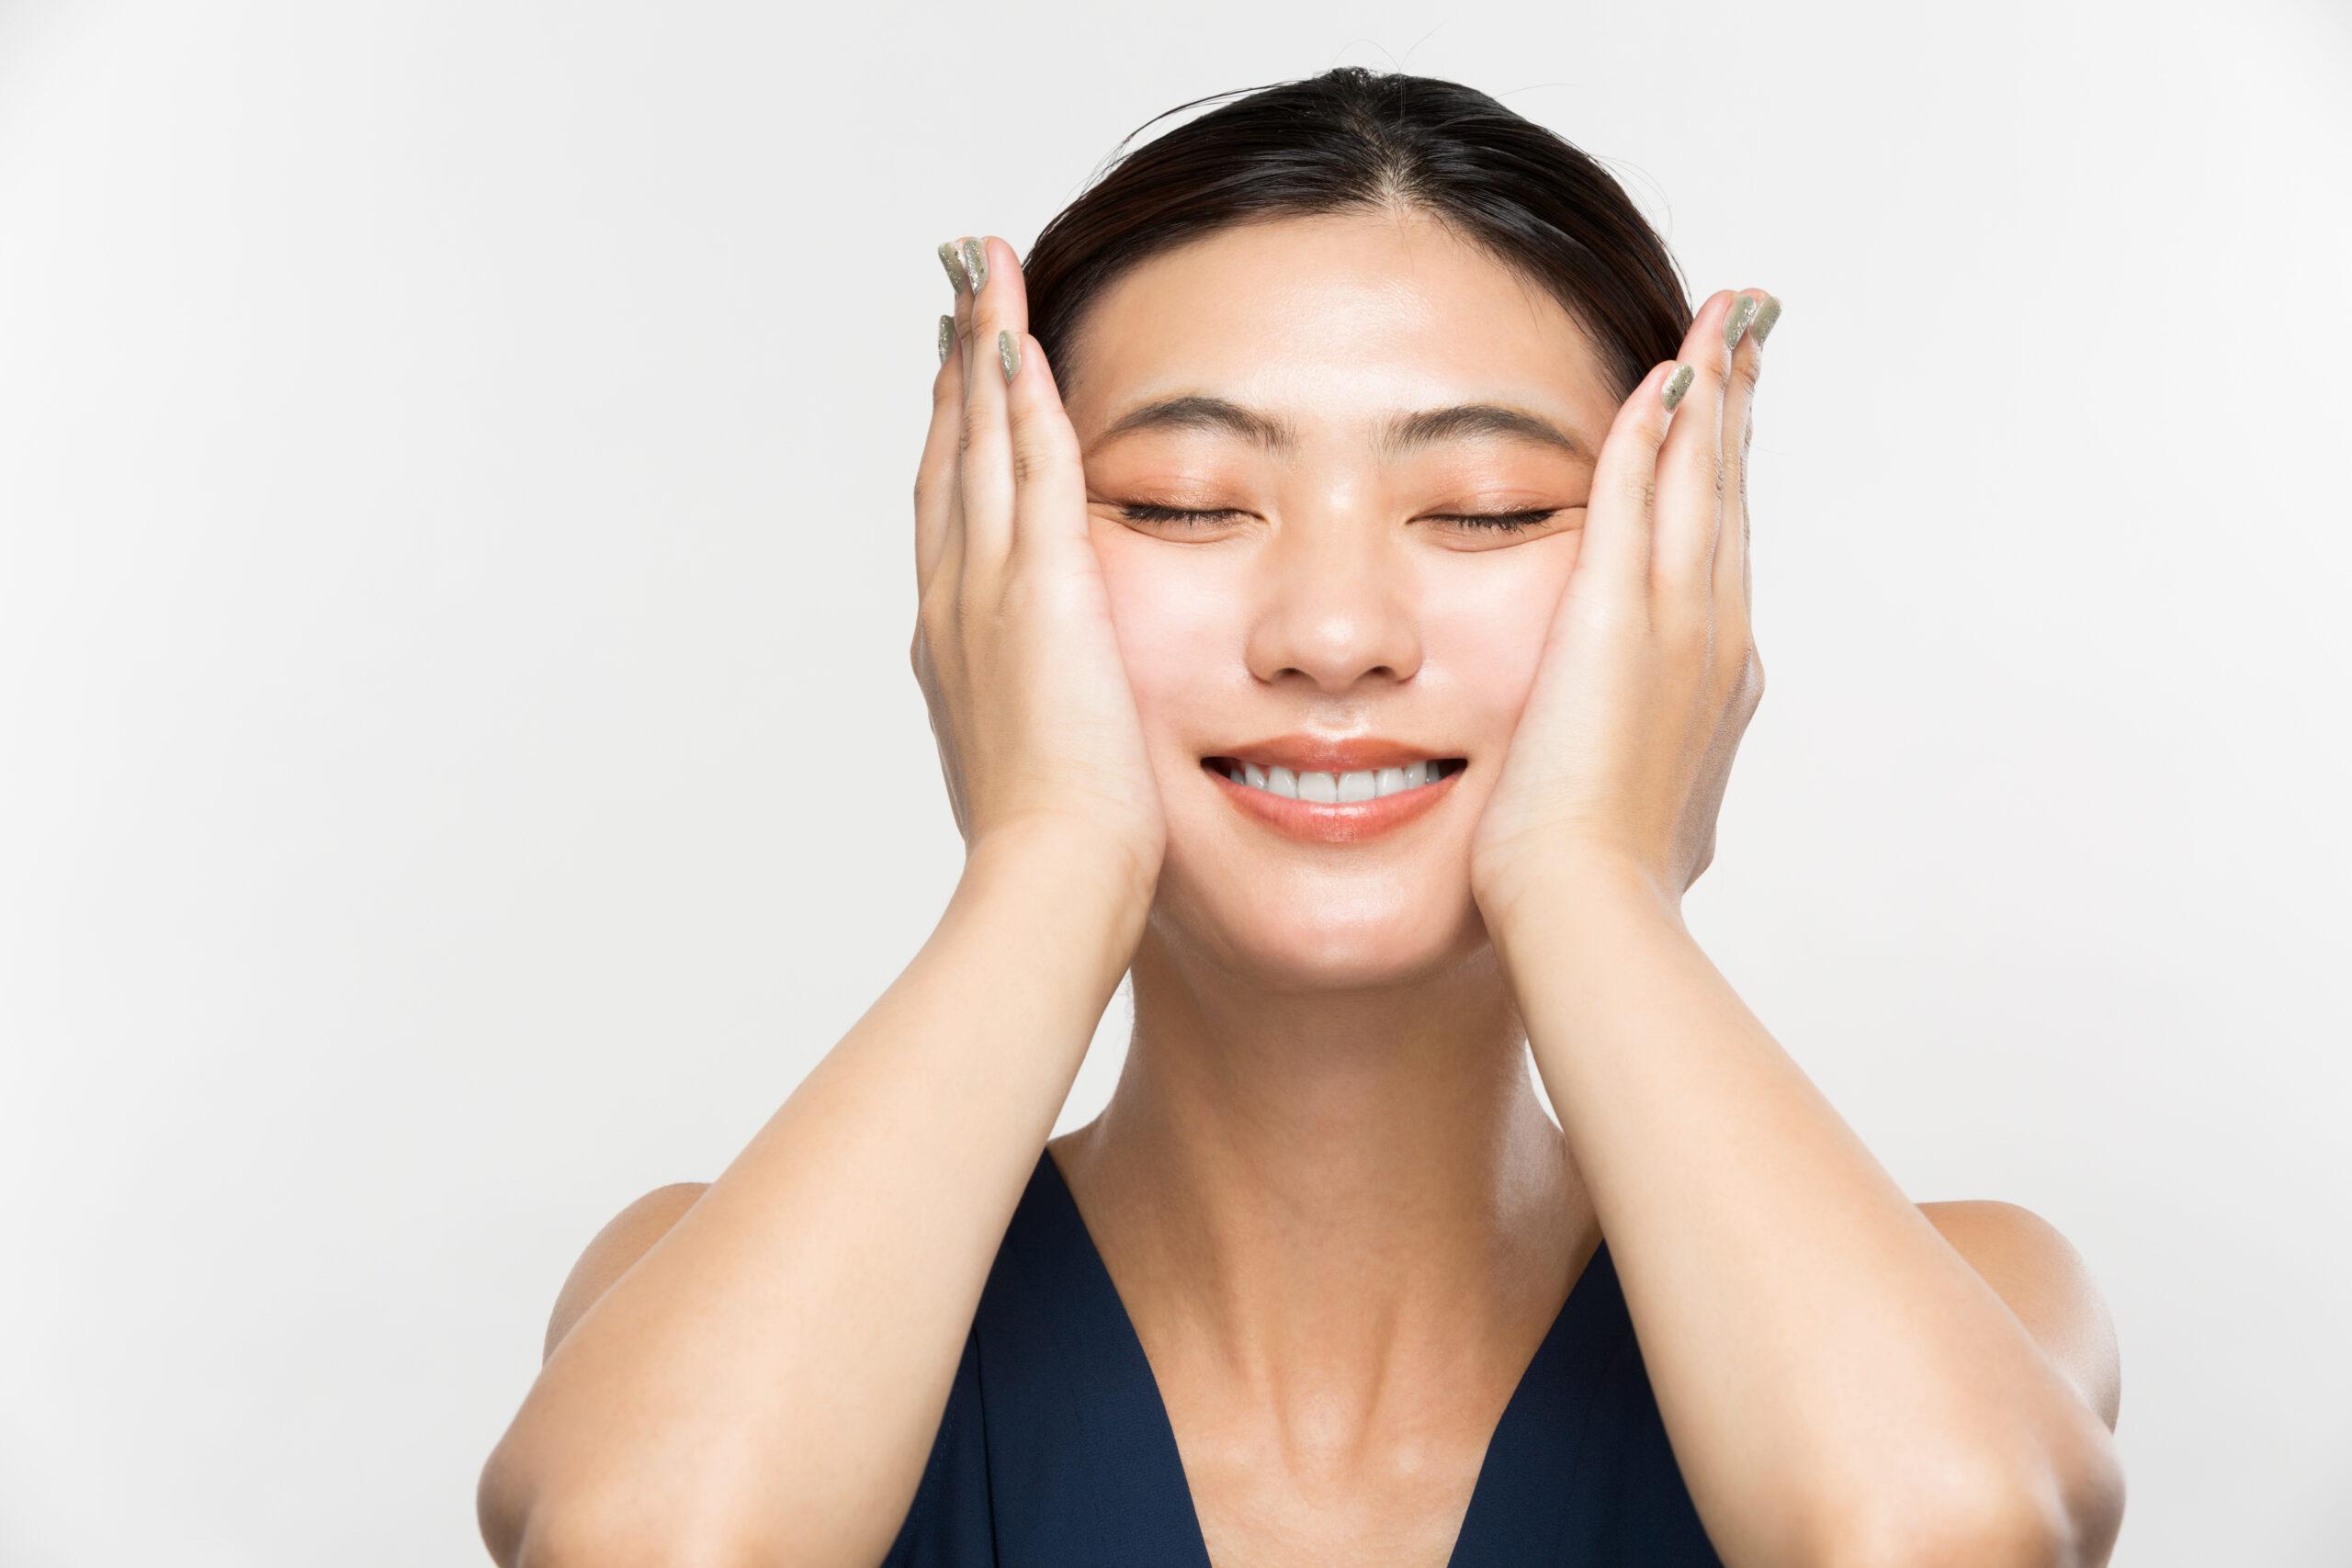 肌の乾燥は肌荒れの原因!?乾燥肌の正しいスキンケアを徹底解説-1